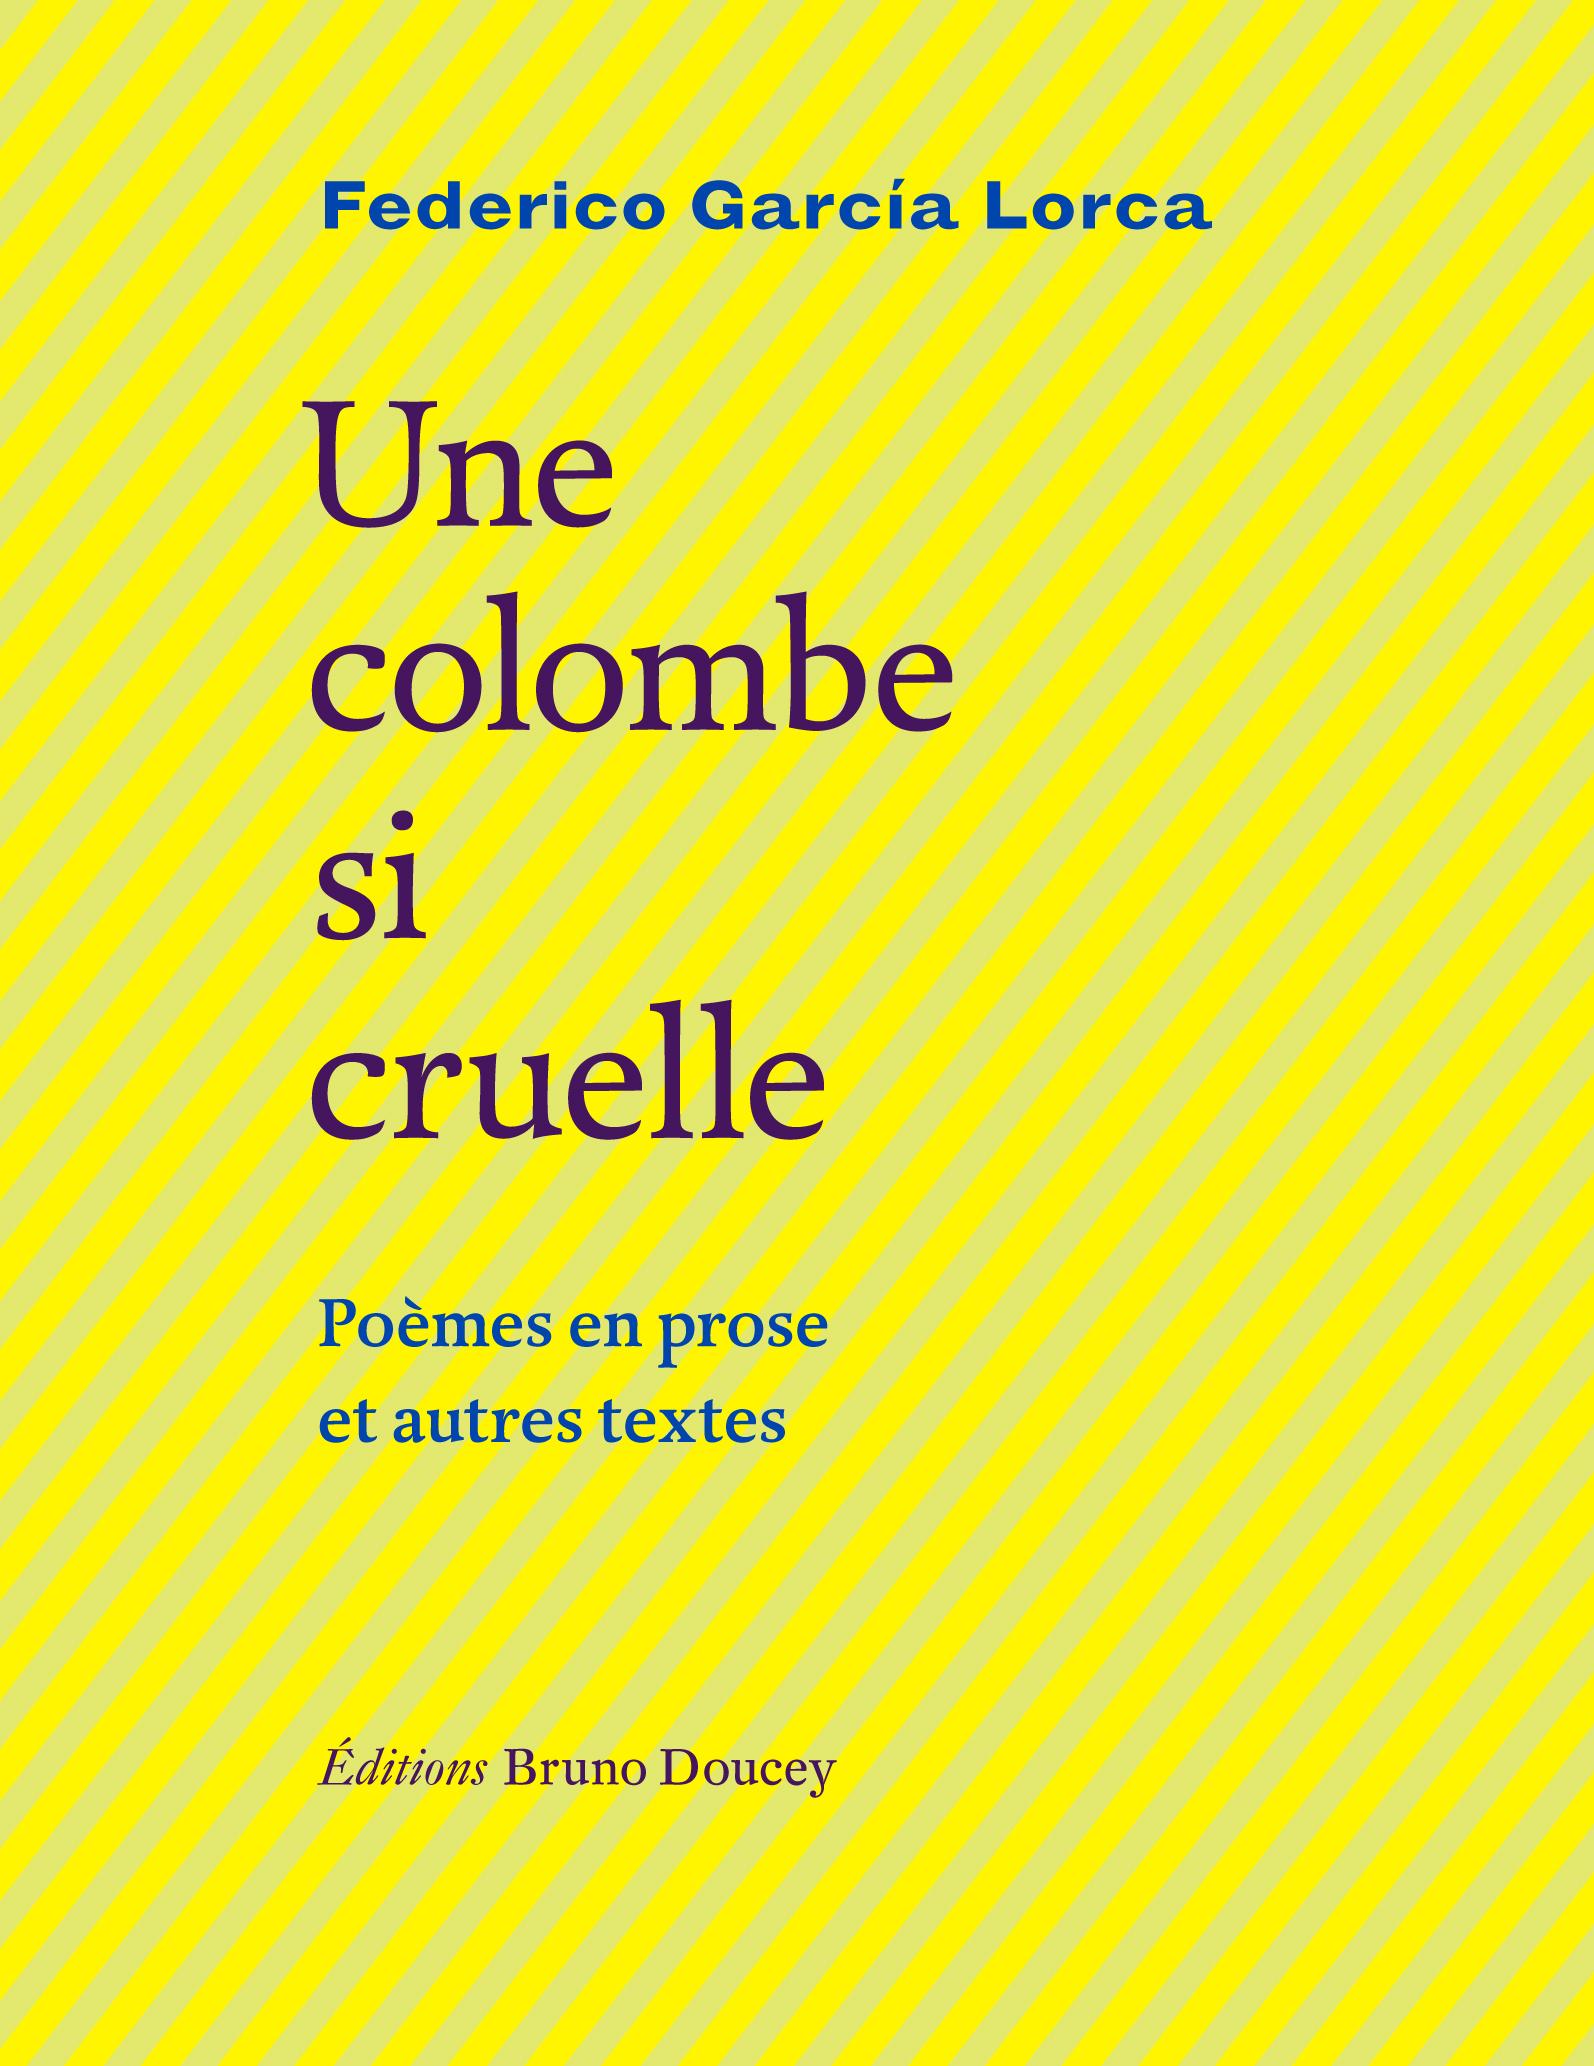 """Une colombe si cruelle. Présentation des """"poèmes en prose"""" de Lorca et leur traduction."""